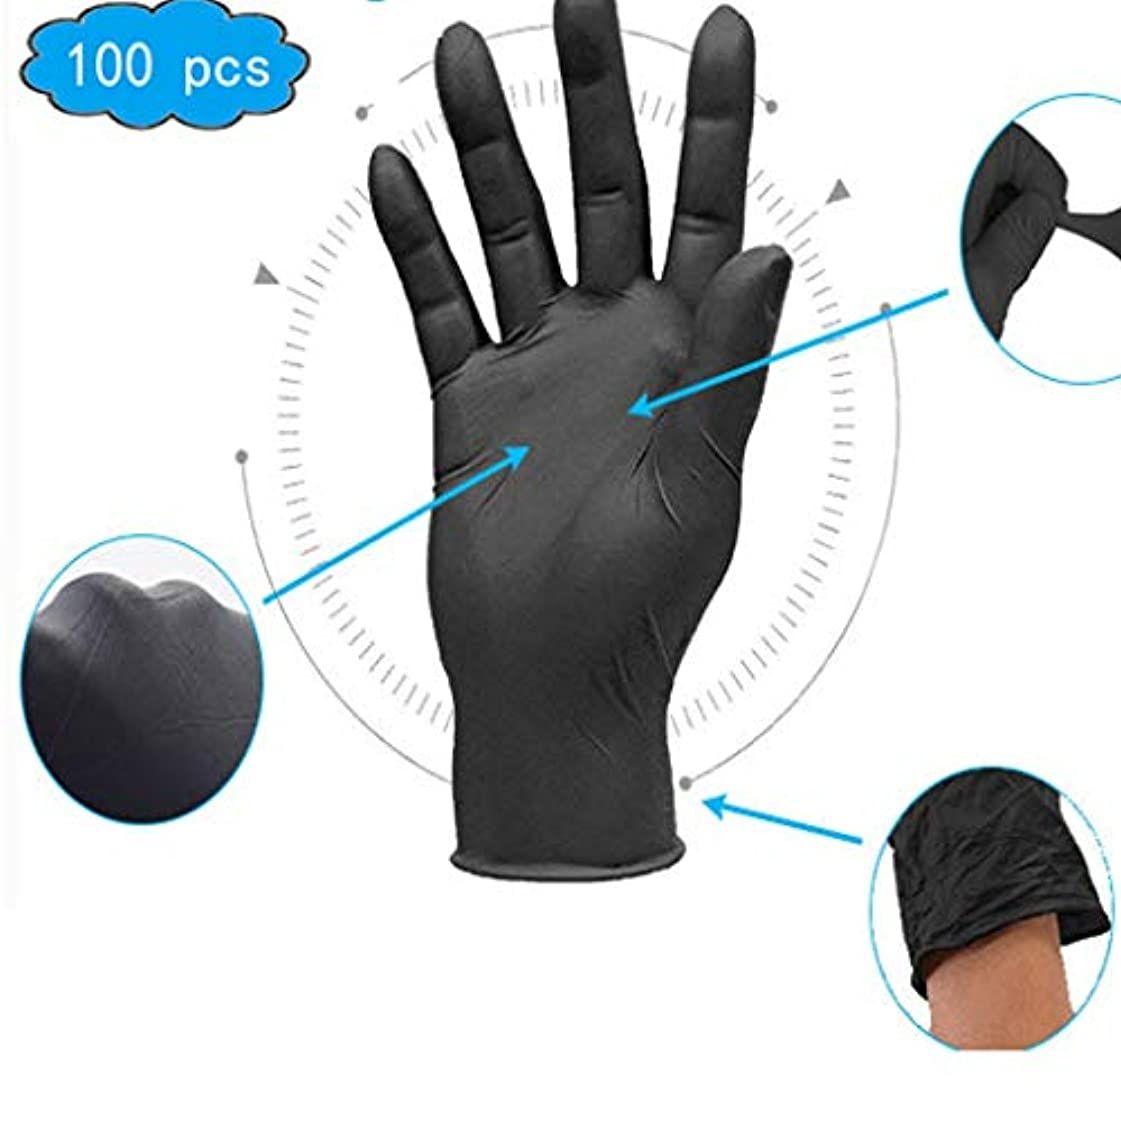 終了するがんばり続ける寝具使い捨て手袋 - 健康における、パウダーフリー、ラテックスフリー、大型の100箱、サニタリーグローブ、家庭用ベビーケア用品、研究室および科学製品 (Color : Black, Size : XL)